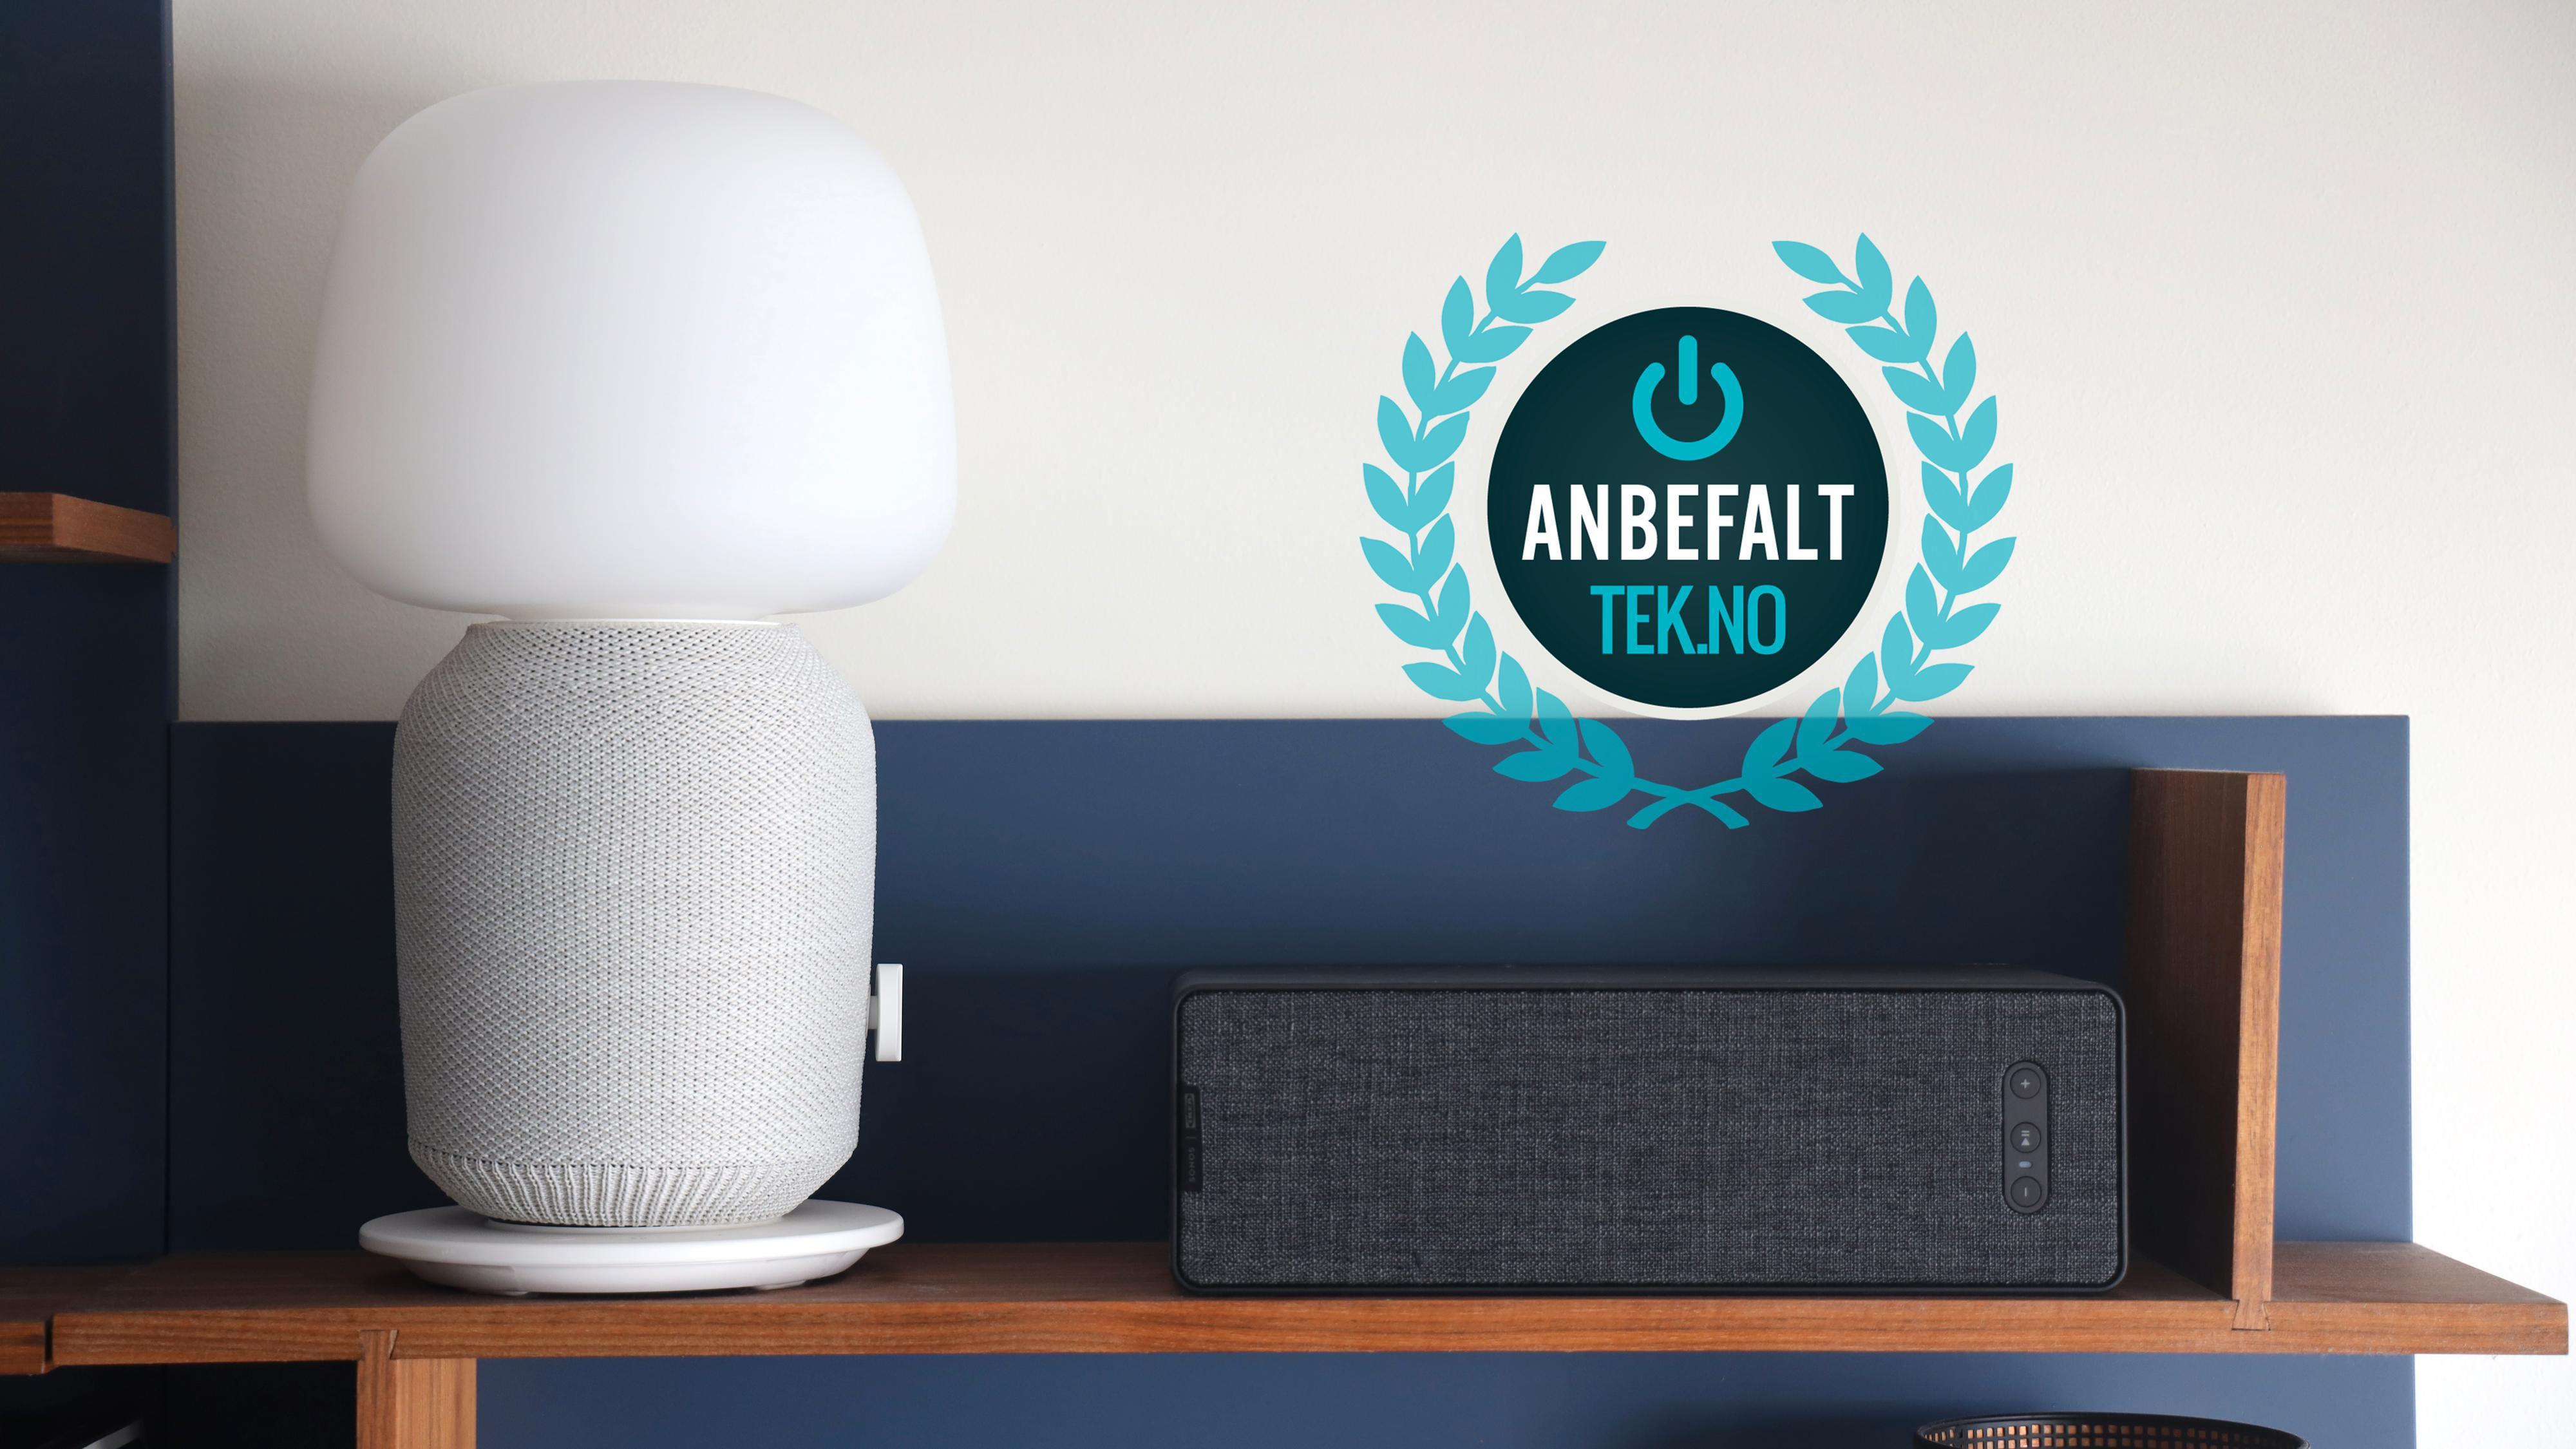 Spesielt bokhyllehøyttaleren fremstår som et meget godt kjøp, men også lampen er solid – om du liker designet, da.